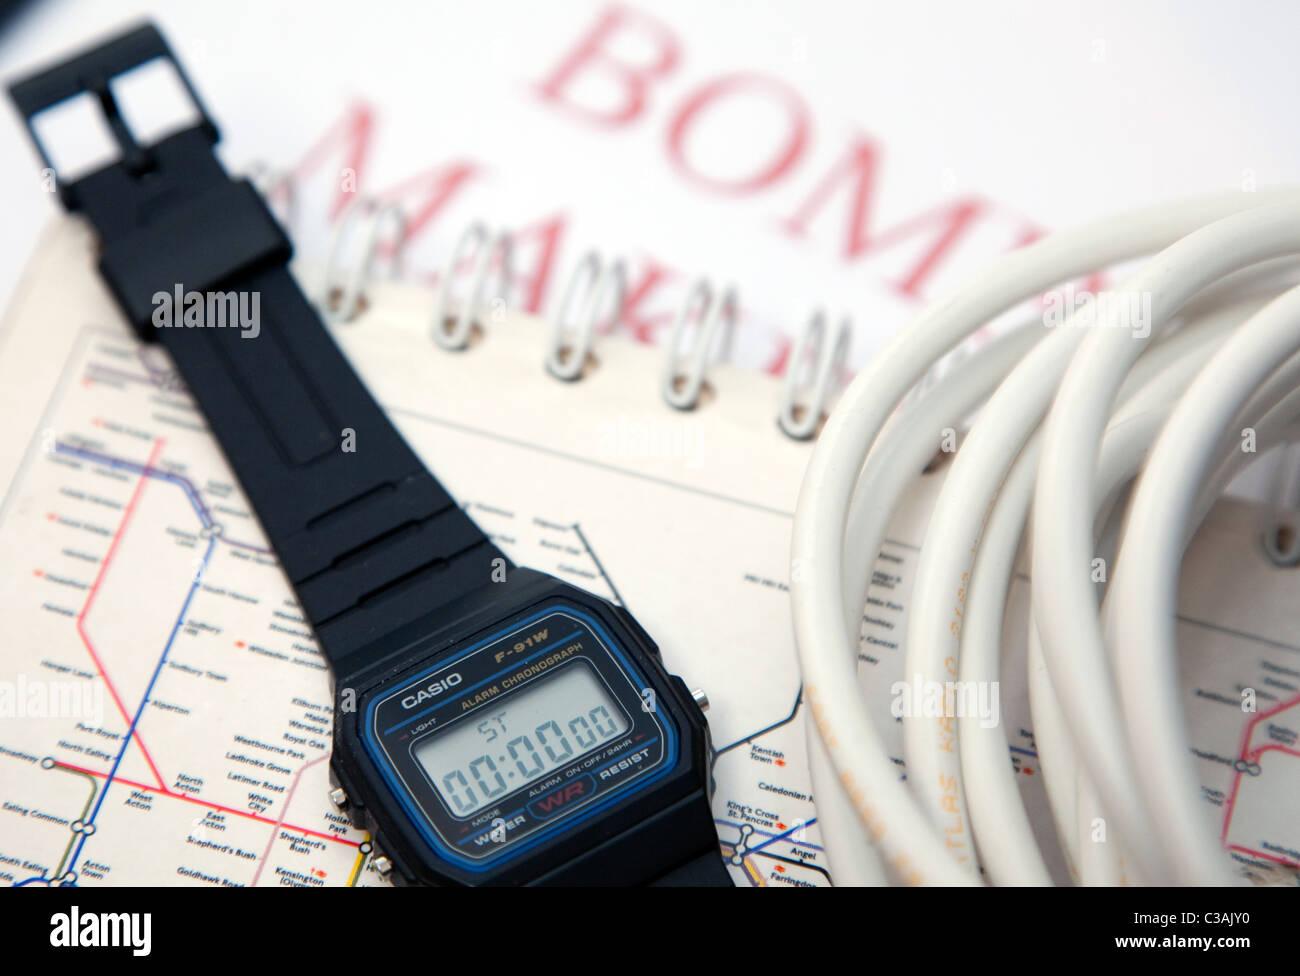 Casio F-91W wristwatch - Stock Image